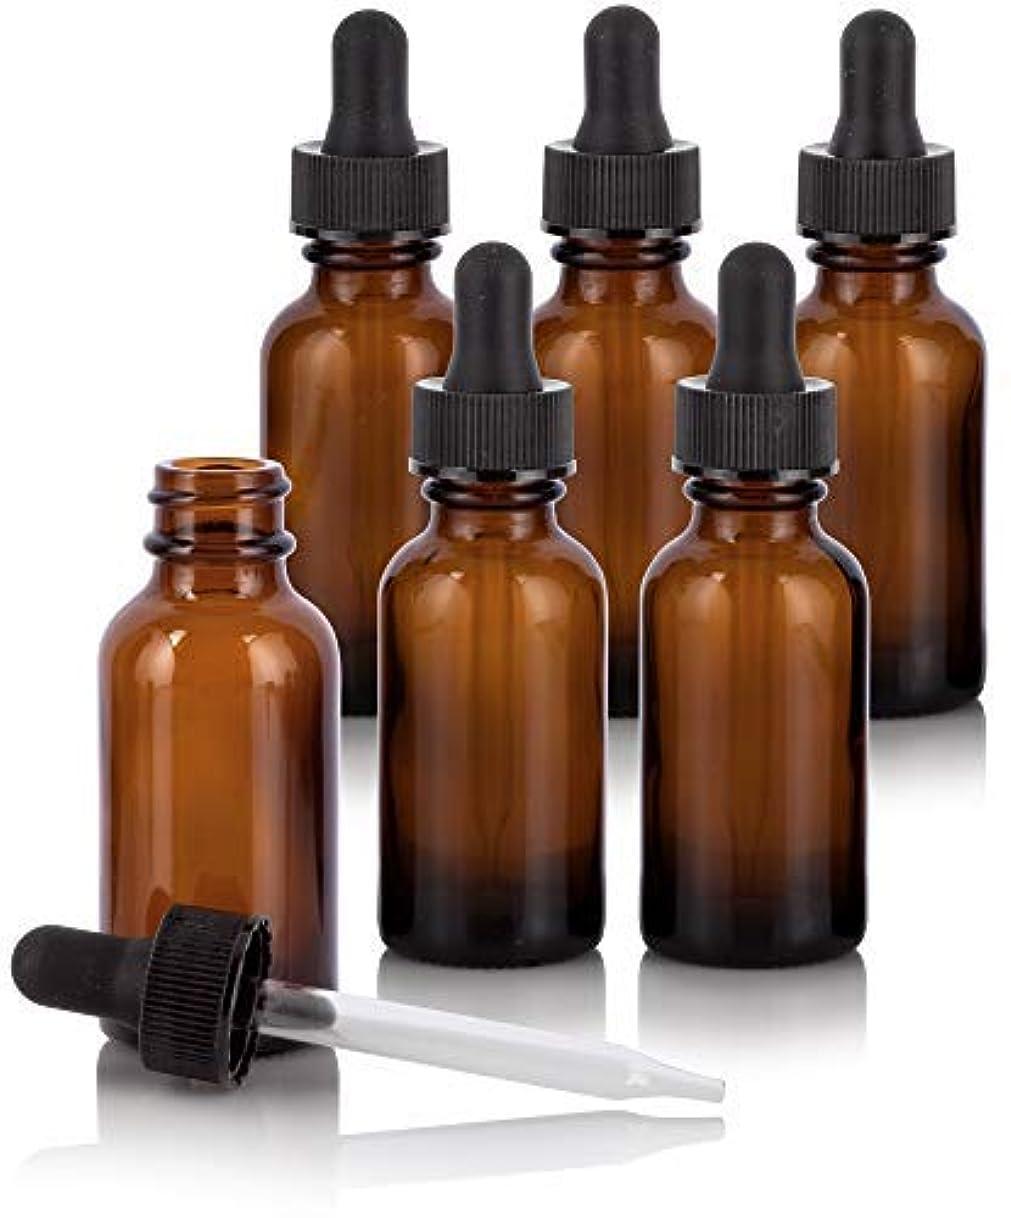 属するアリーナ国勢調査1 oz Amber Glass Boston Round Dropper Bottle (6 Pack) + Funnel and Labels for Essential Oils, Aromatherapy, e-Liquid...